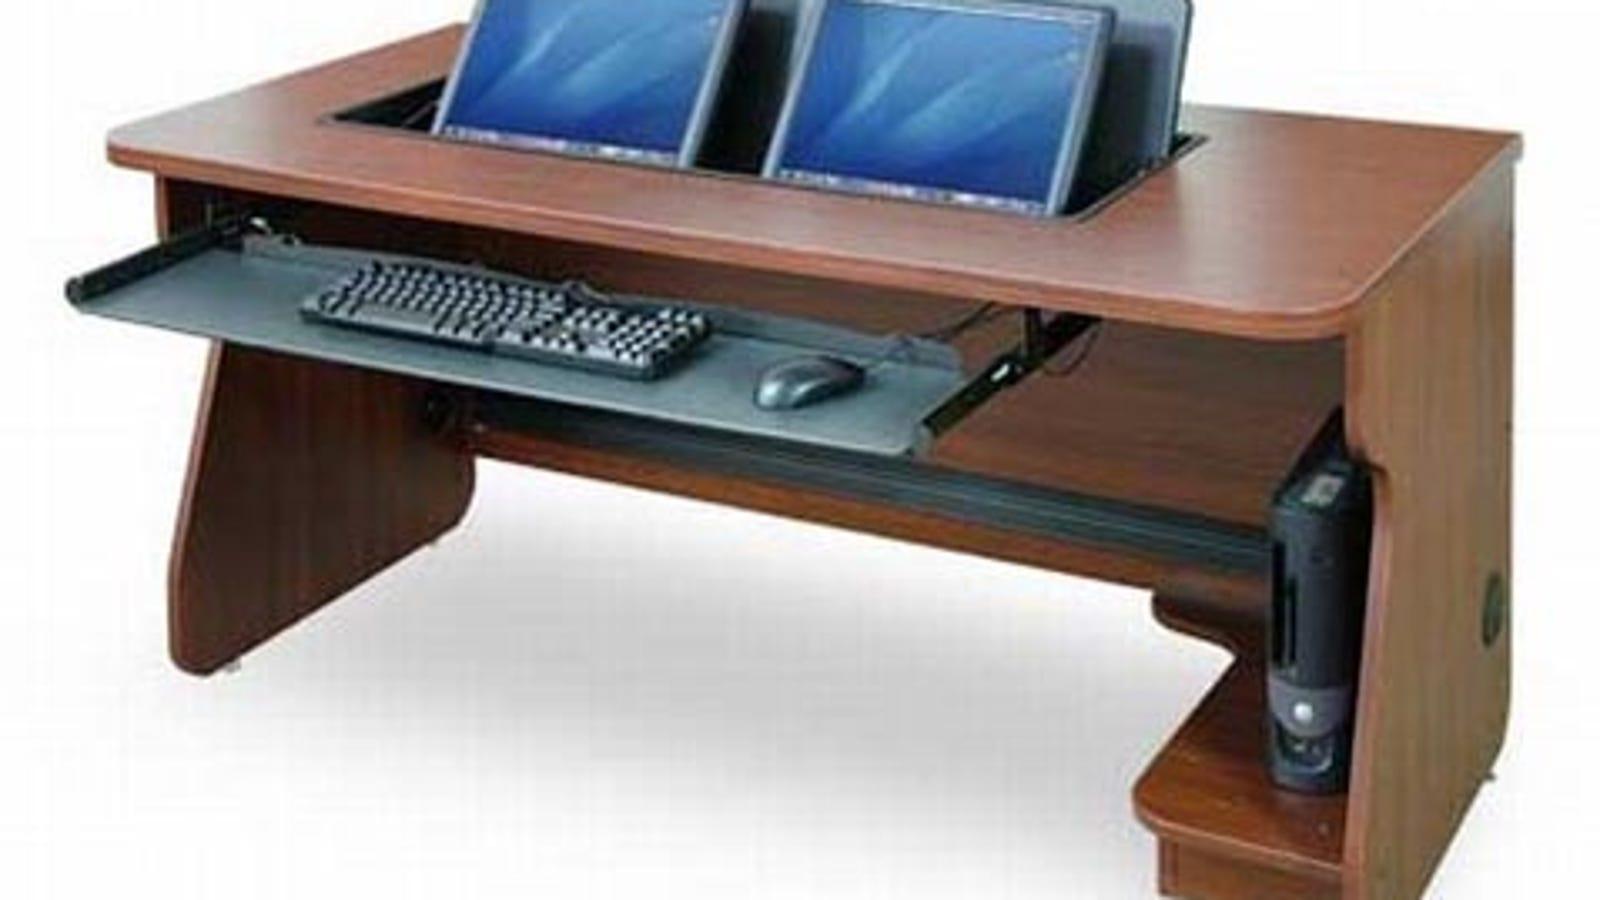 flipit multi monitor desk system. Black Bedroom Furniture Sets. Home Design Ideas